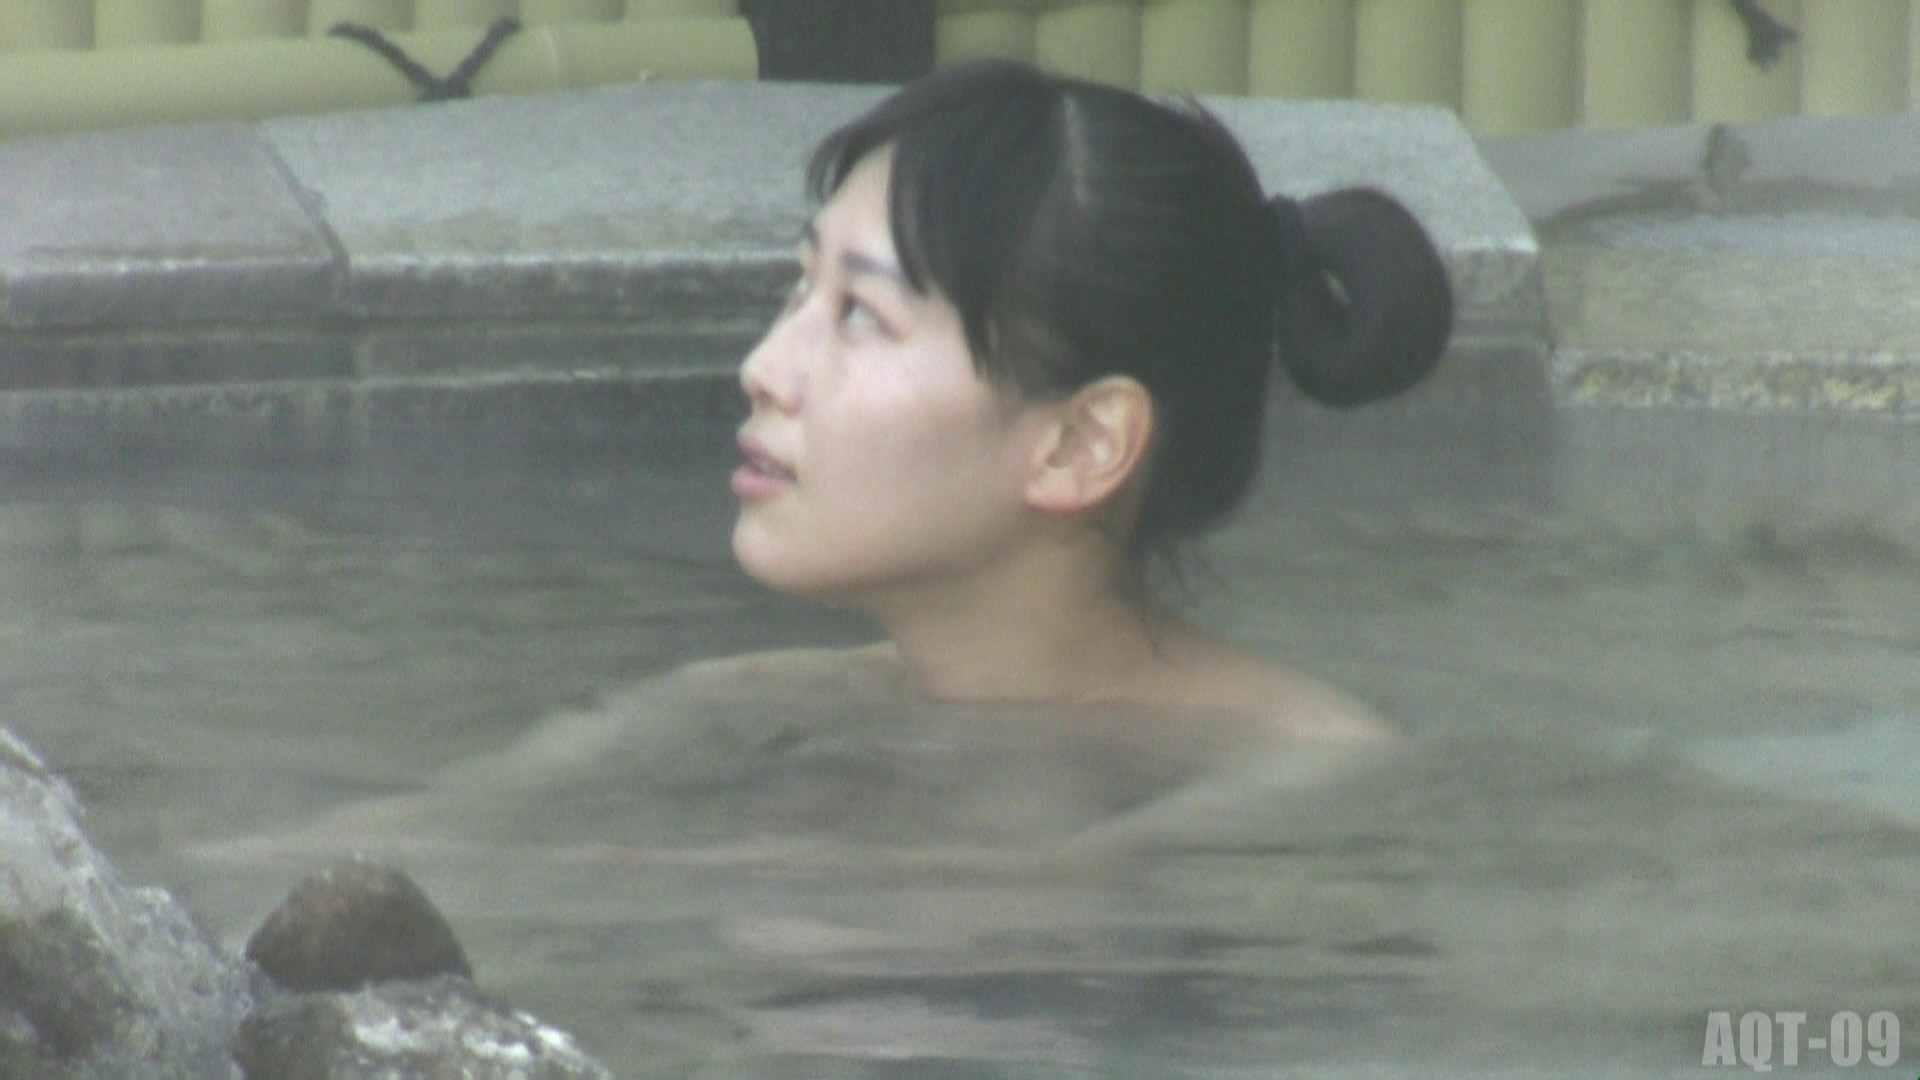 Aquaな露天風呂Vol.785 盗撮 | 露天  71pic 1